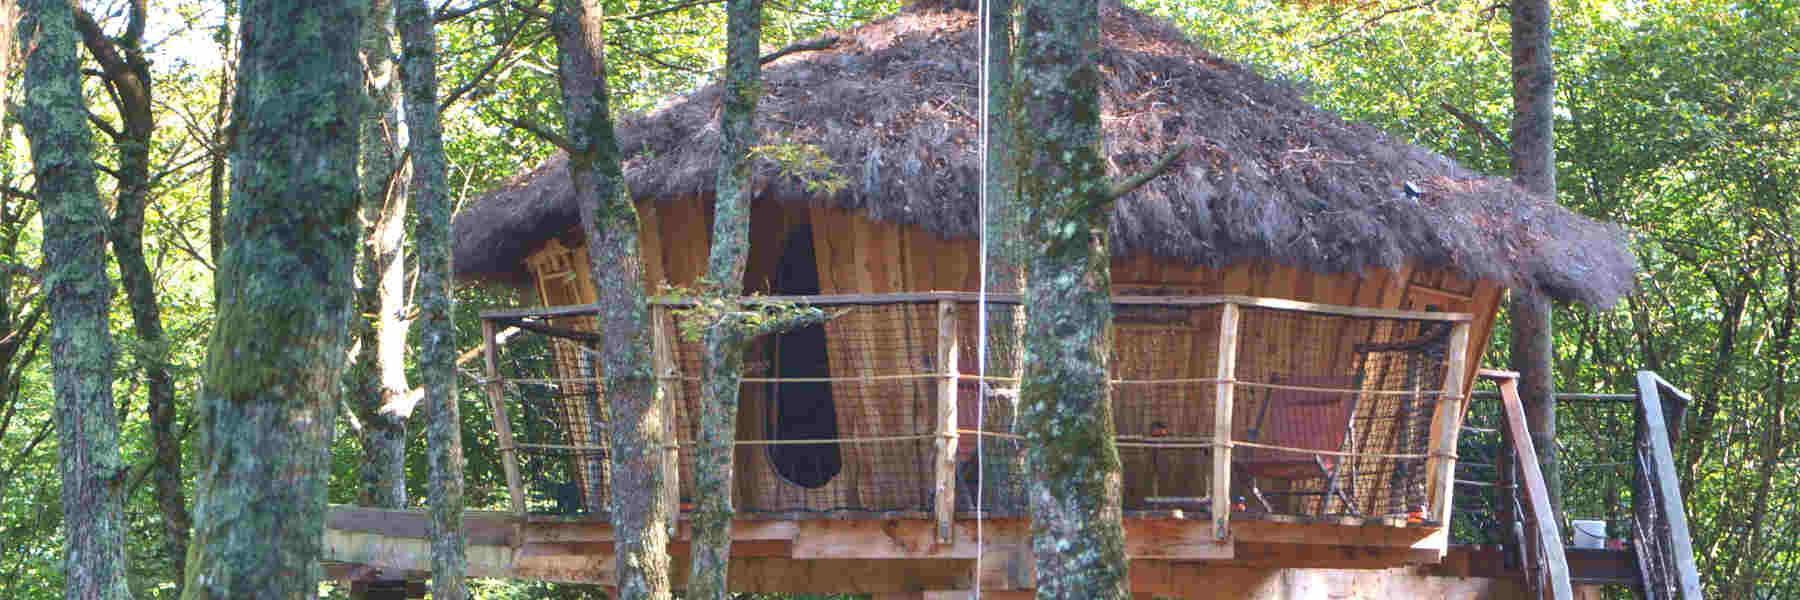 Dormir aux Cabanes de Pyrène à Cazarilh